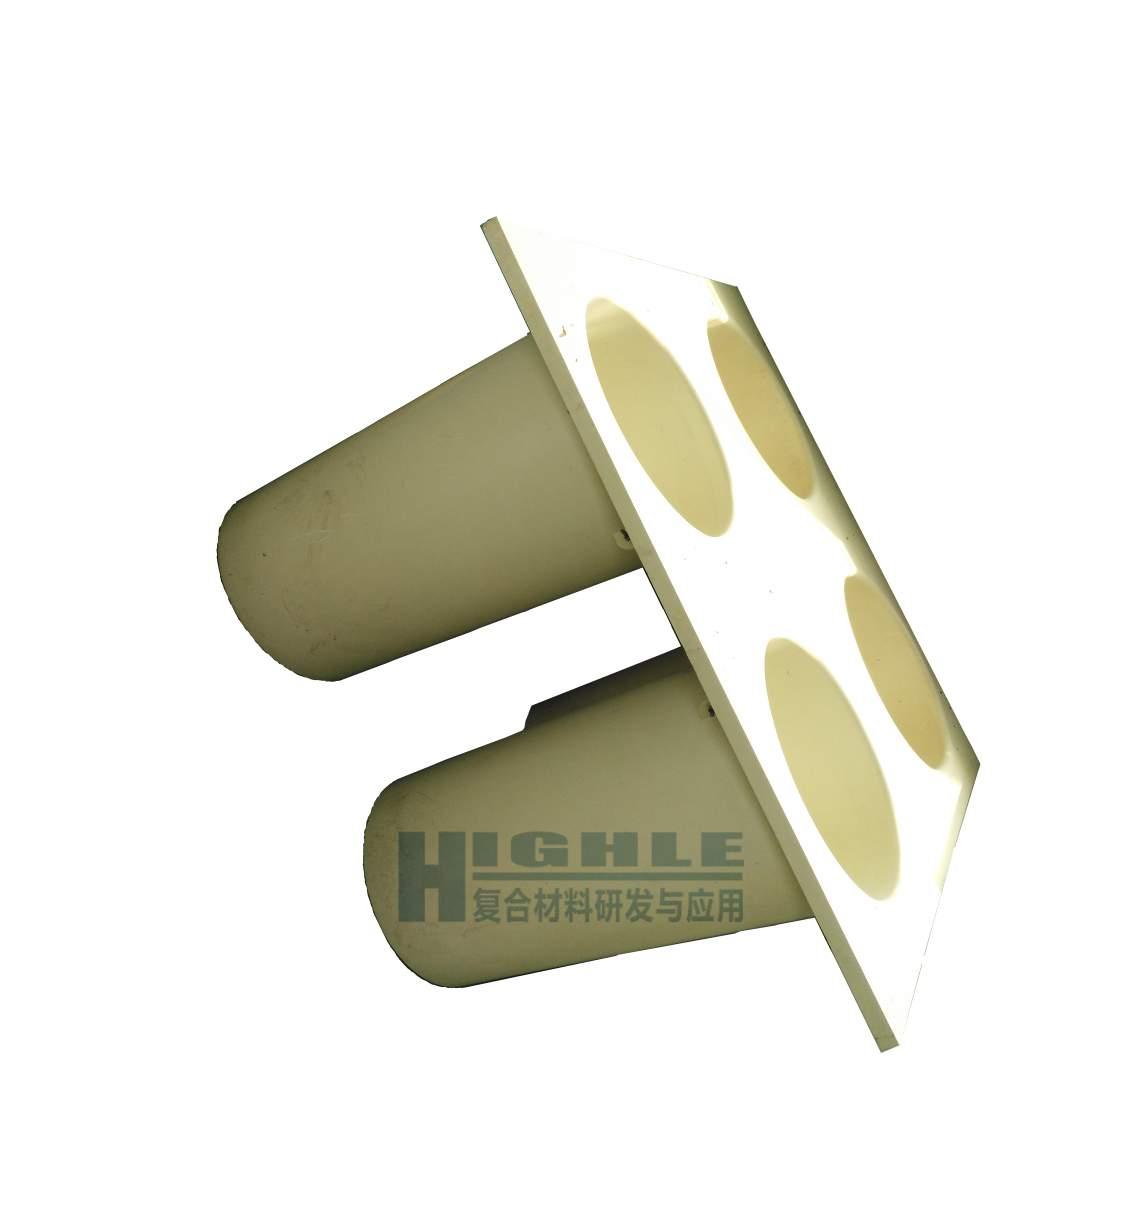 供应华夫板格子梁玻璃钢建筑模板  价格优惠